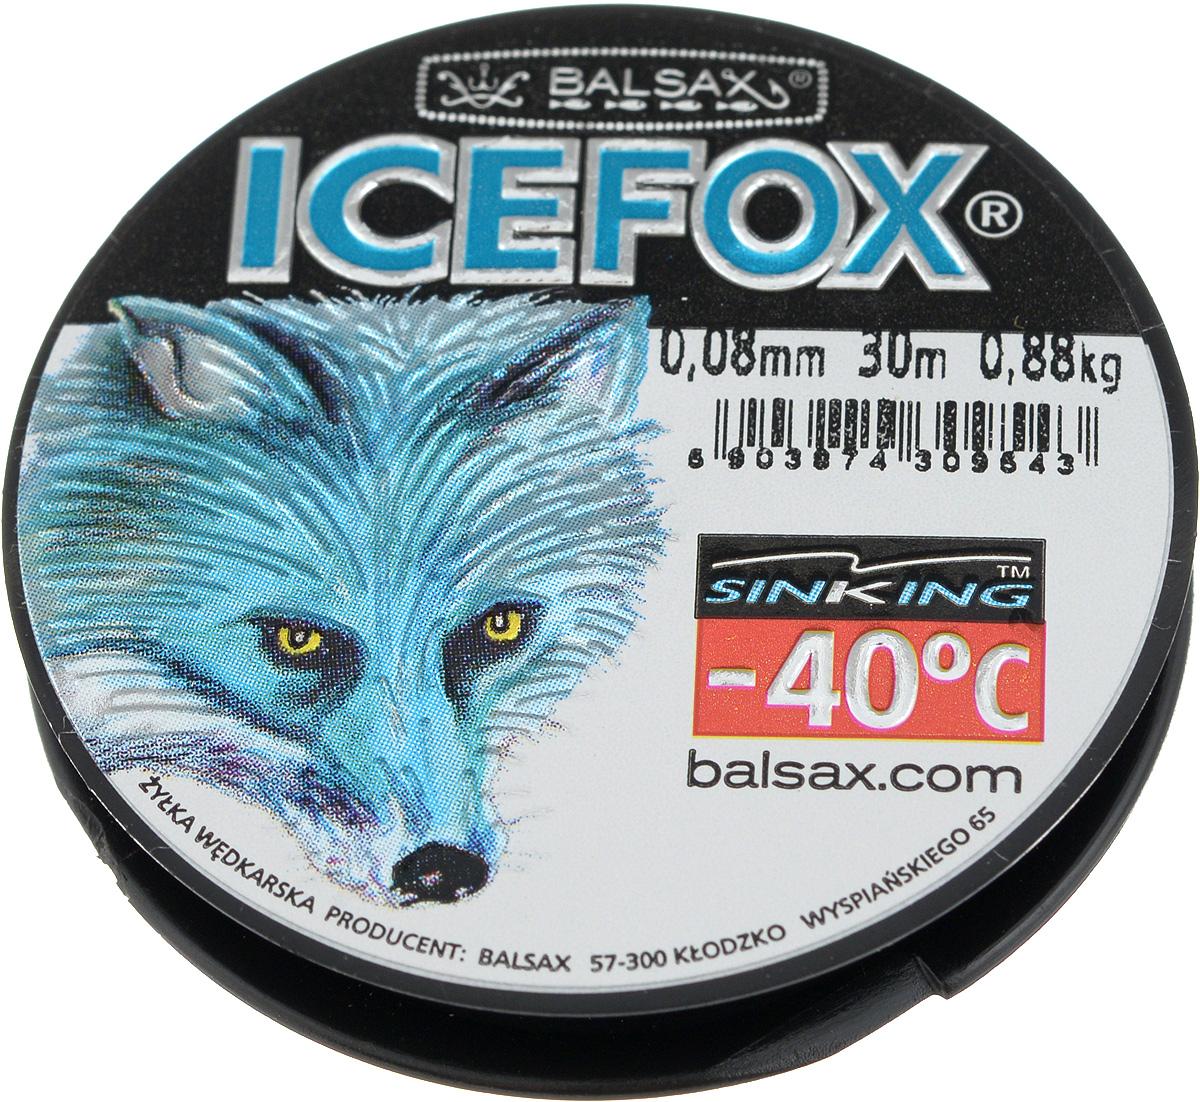 Леска зимняя Balsax Ice Fox, 30 м, 0,08 мм, 0,88 кг310-07008Леска Balsax Ice Fox изготовлена из 100% нейлона и очень хорошо выдерживает низкие температуры. Даже в самом холодном климате, при температуре вплоть до -40°C, она сохраняет свои свойства практически без изменений, в то время как традиционные лески становятся менее эластичными и теряют прочность. Поверхность лески обработана таким образом, что она не обмерзает и отлично подходит для подледного лова. Прочна в местах вязки узлов даже при минимальном диаметре.